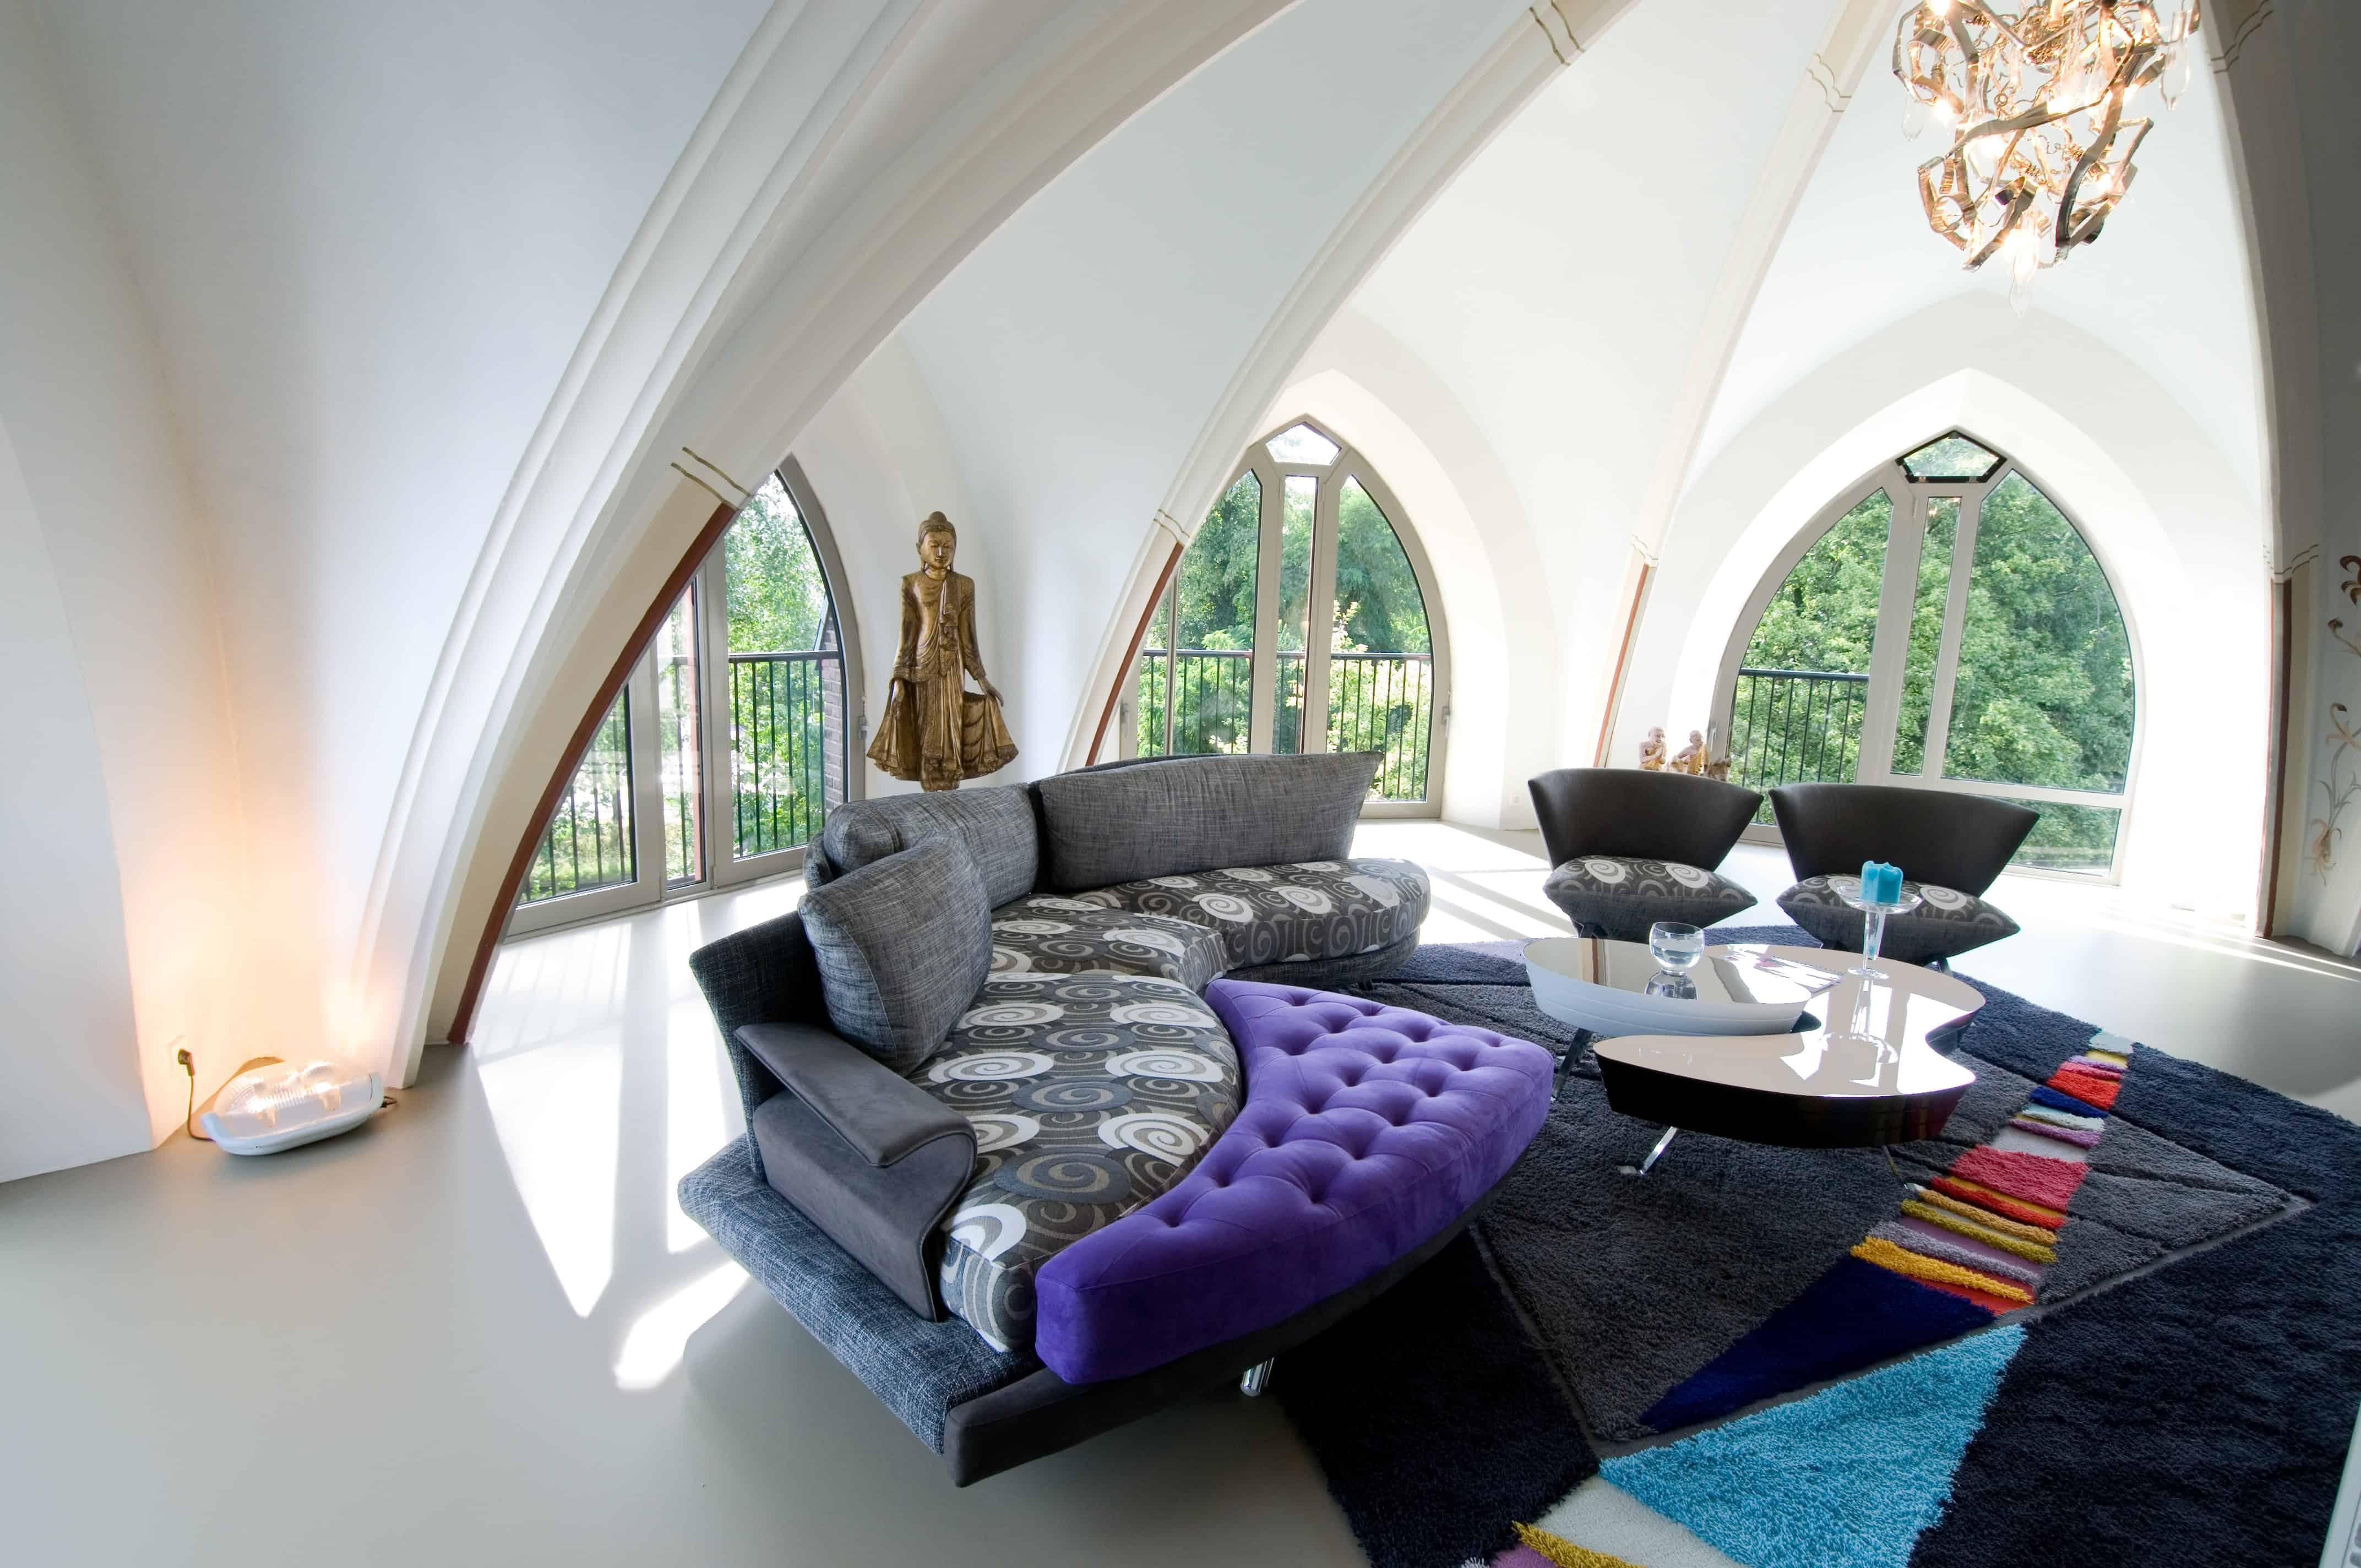 Luxe penthouse in kerk met een kleurrijke inrichting en gietvloer en mooie brand van Egmond lamp